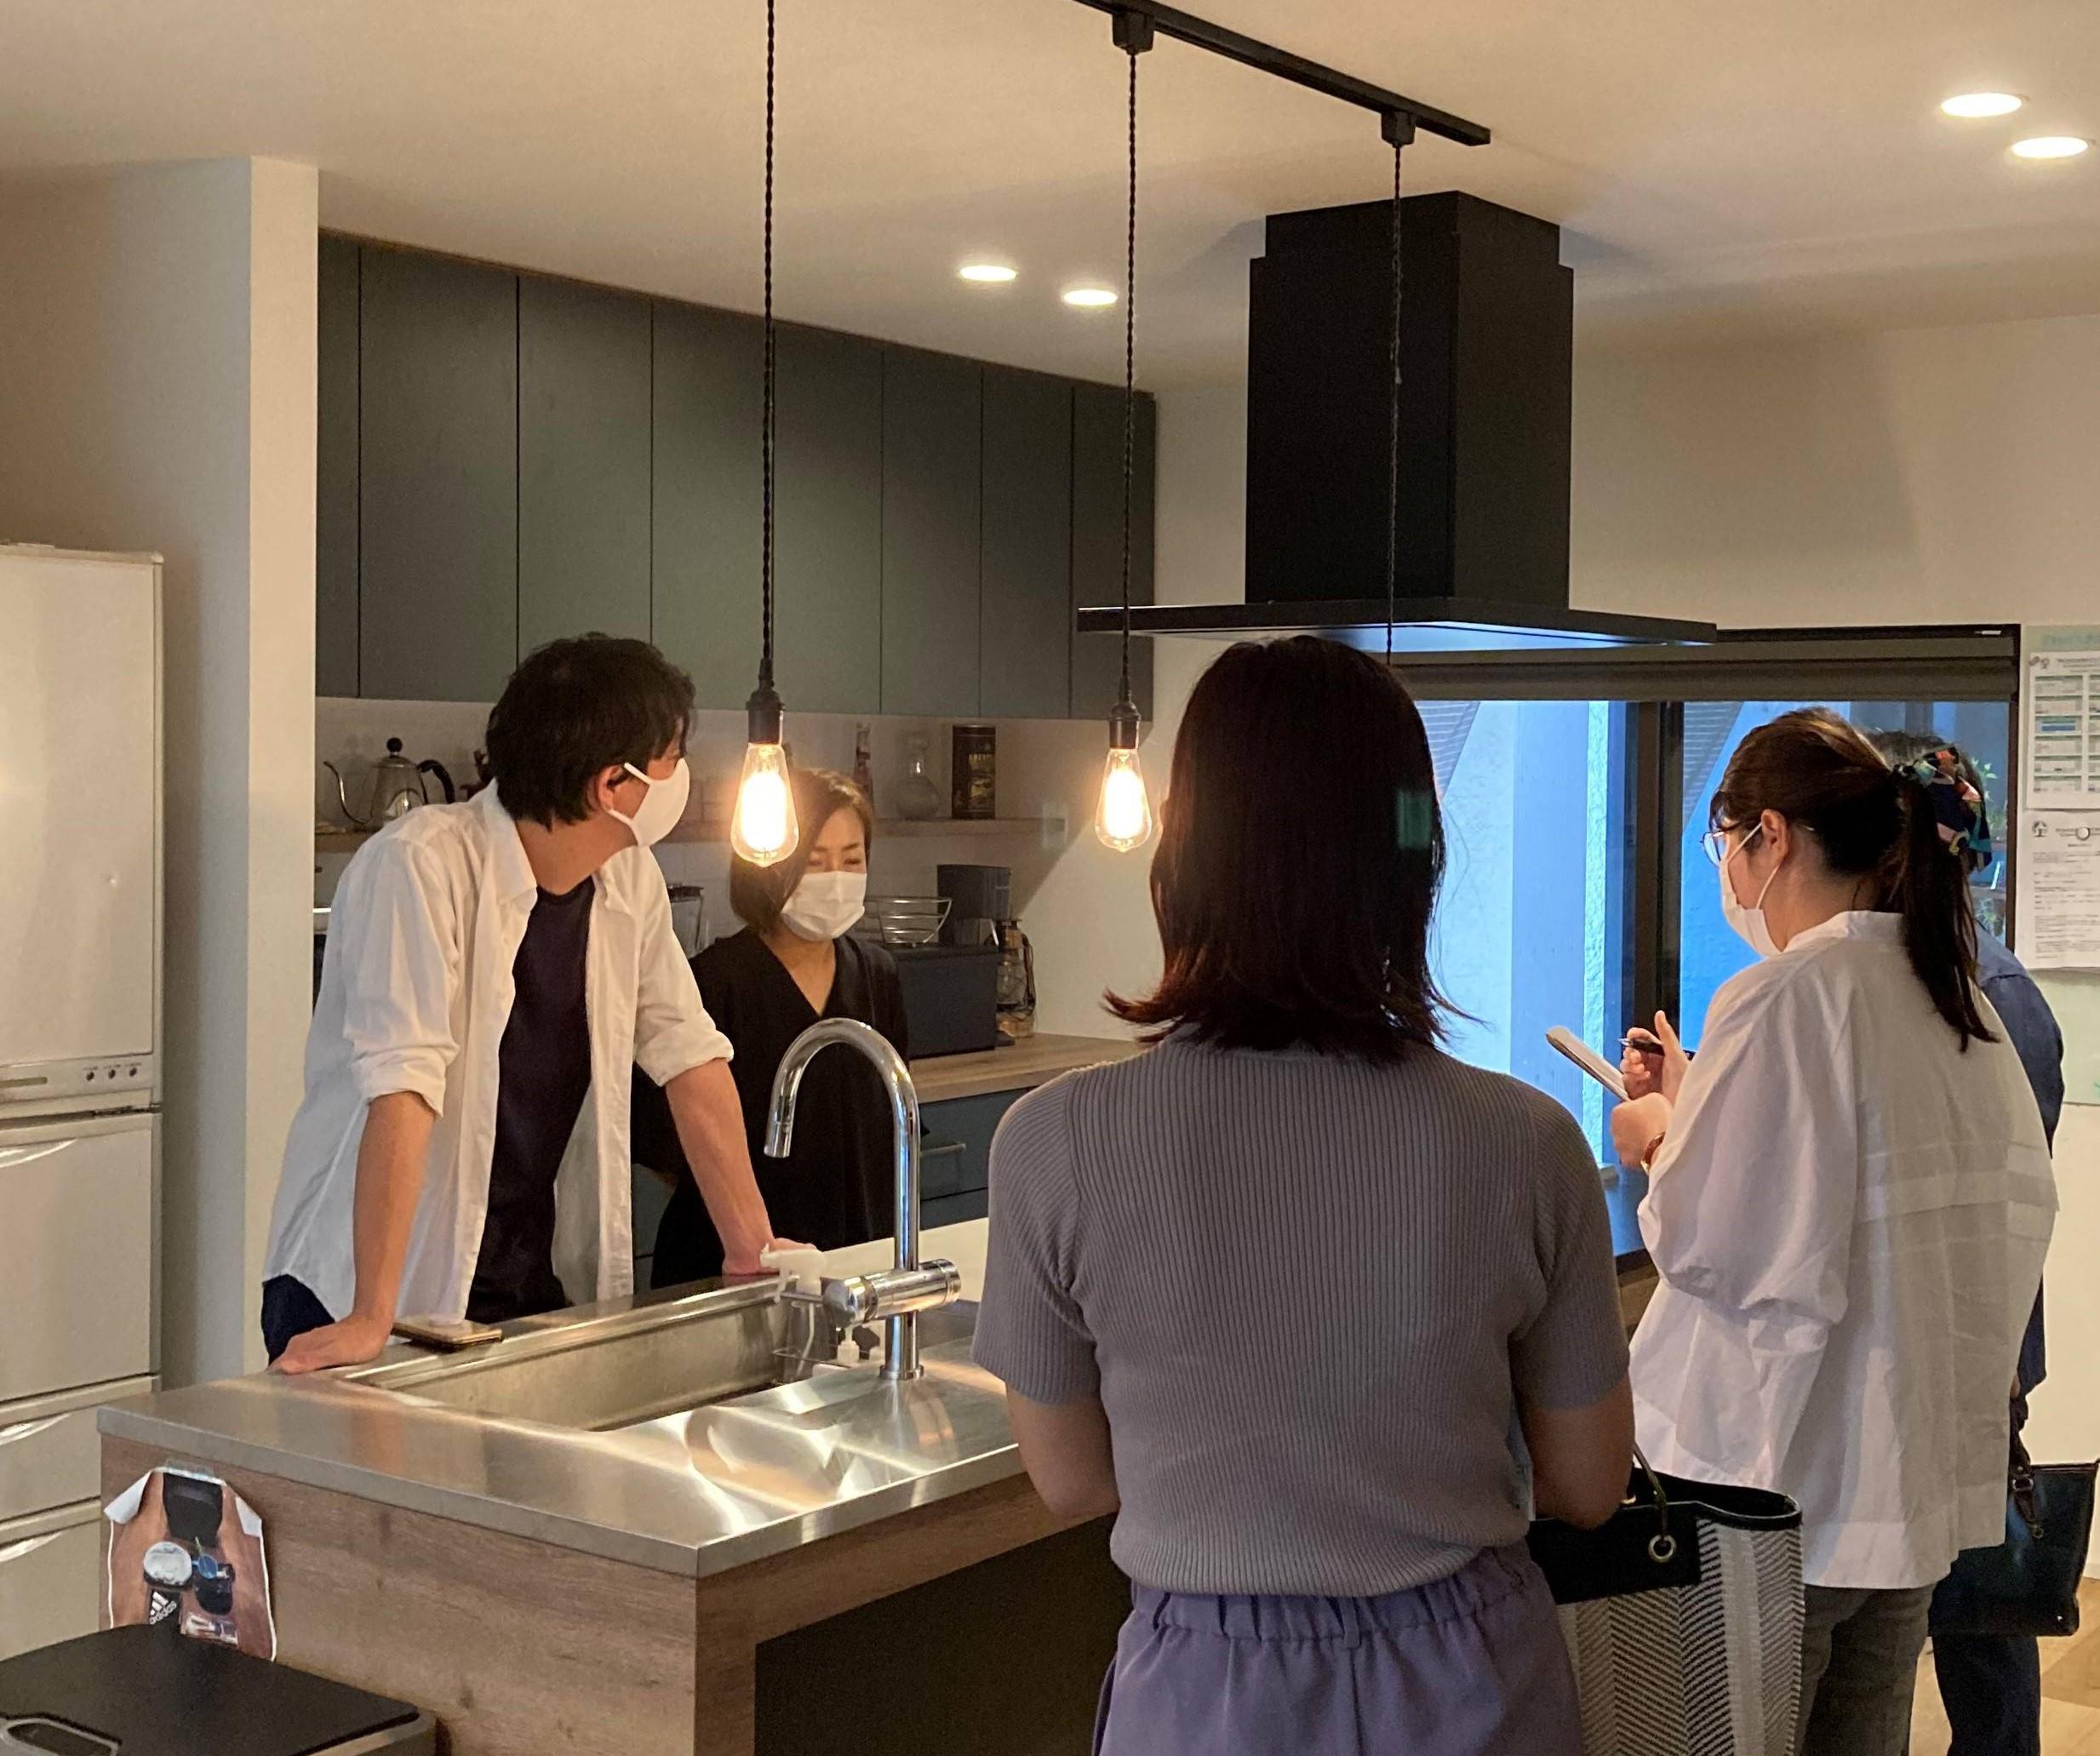 豊橋市でリノベーションを手掛けるリノクラフト株式会社で実家リノベーションされたOB様のお宅が東海リノベーションに取材されている様子